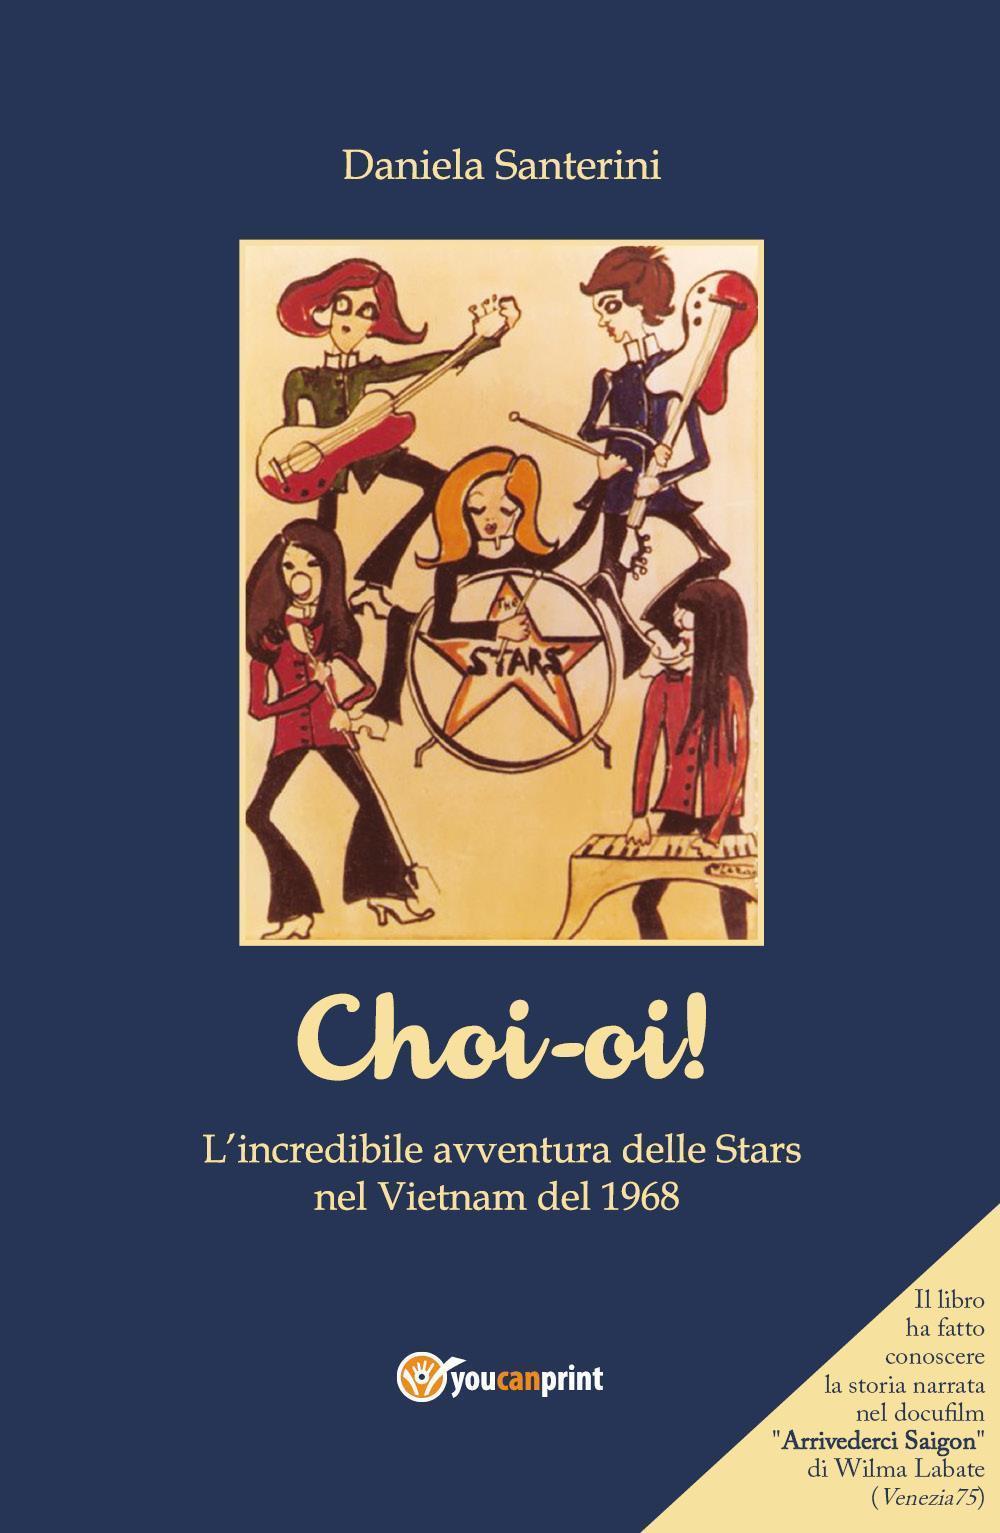 'Choi-oi! La straordinaria avventura delle Stars in Vietnam nel 1968'